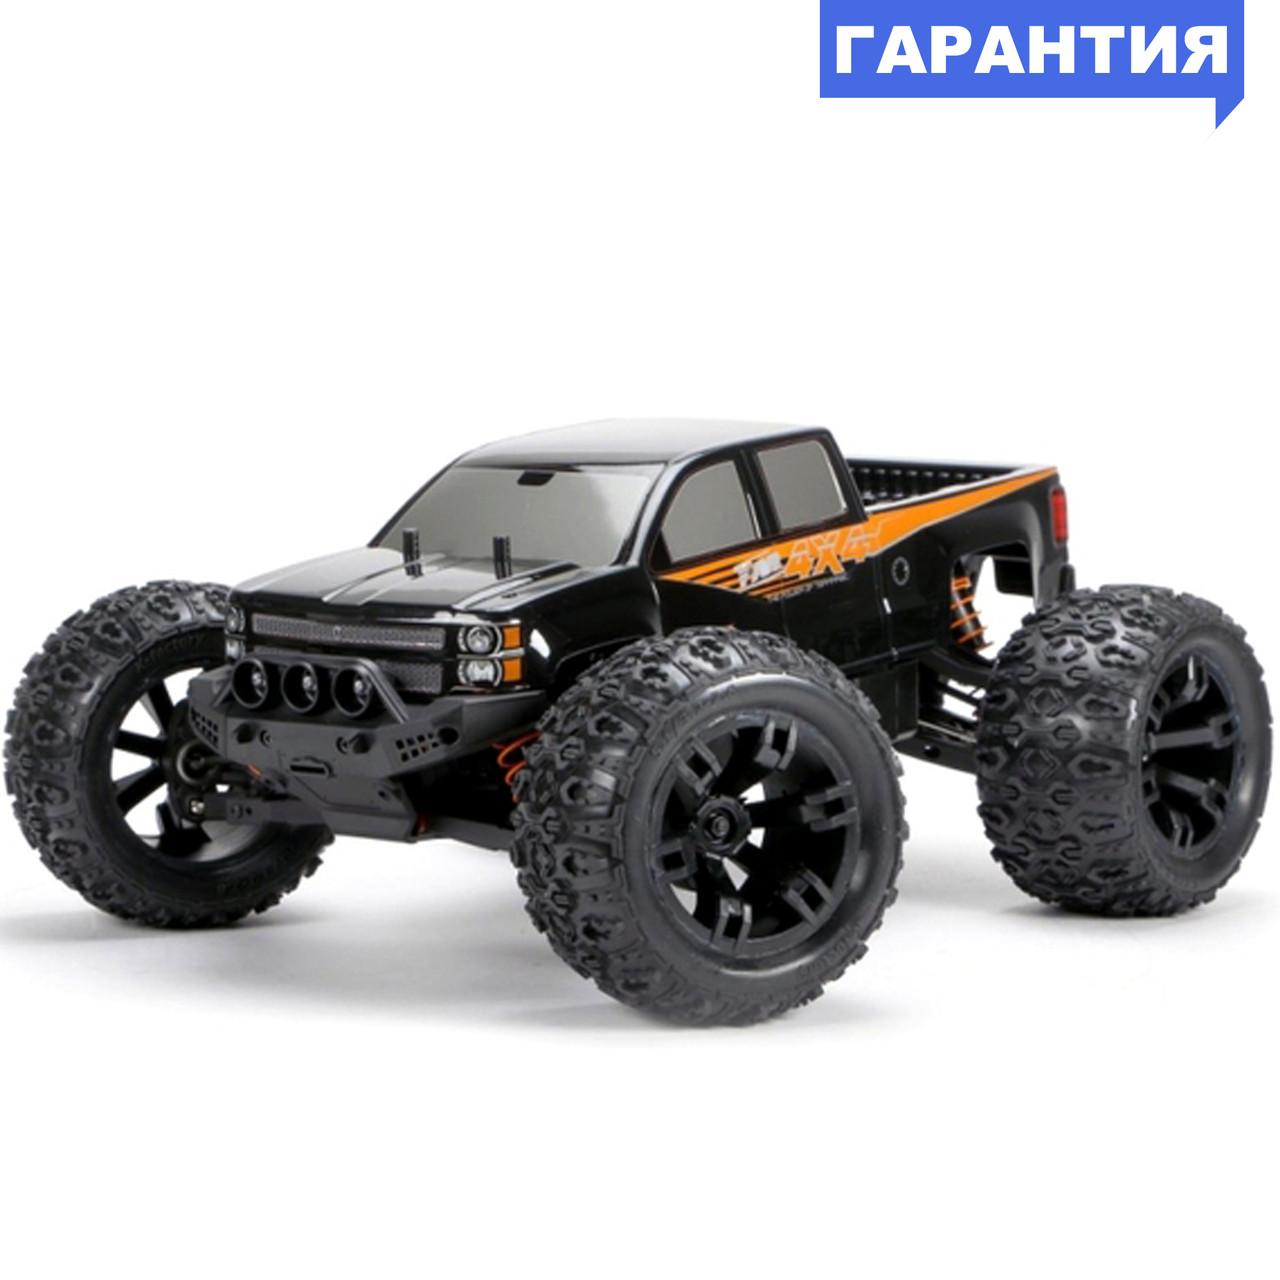 Автомодель монстр 1:10 Team Magic E5 бесколлекторный ARTR